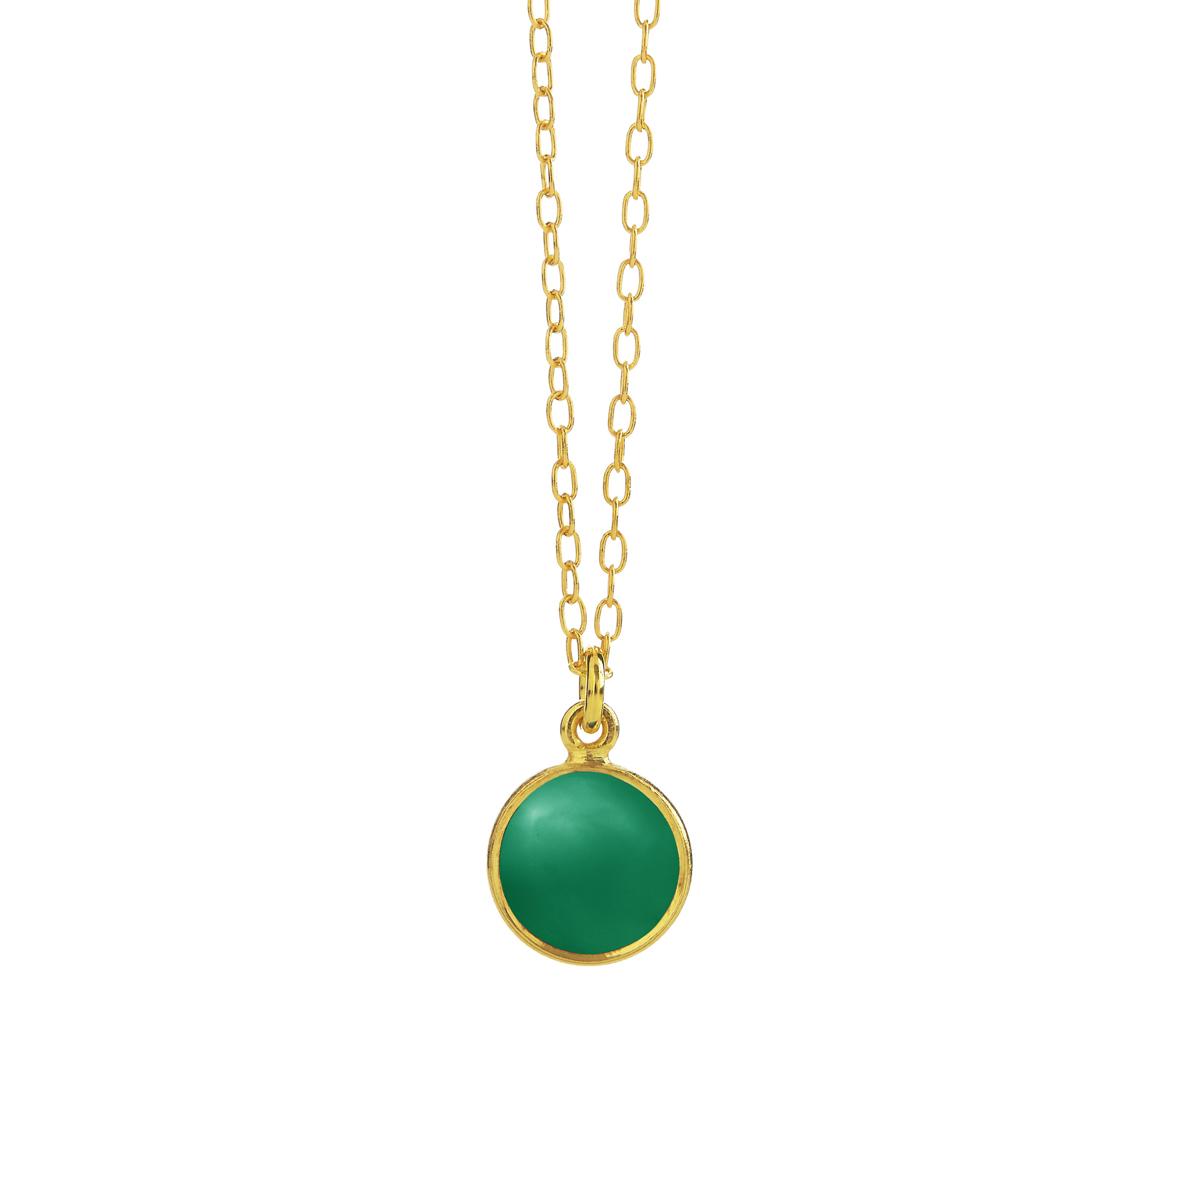 Forgyldt sølv halskæde med grøn agat fra Susanne Friis Bjørner